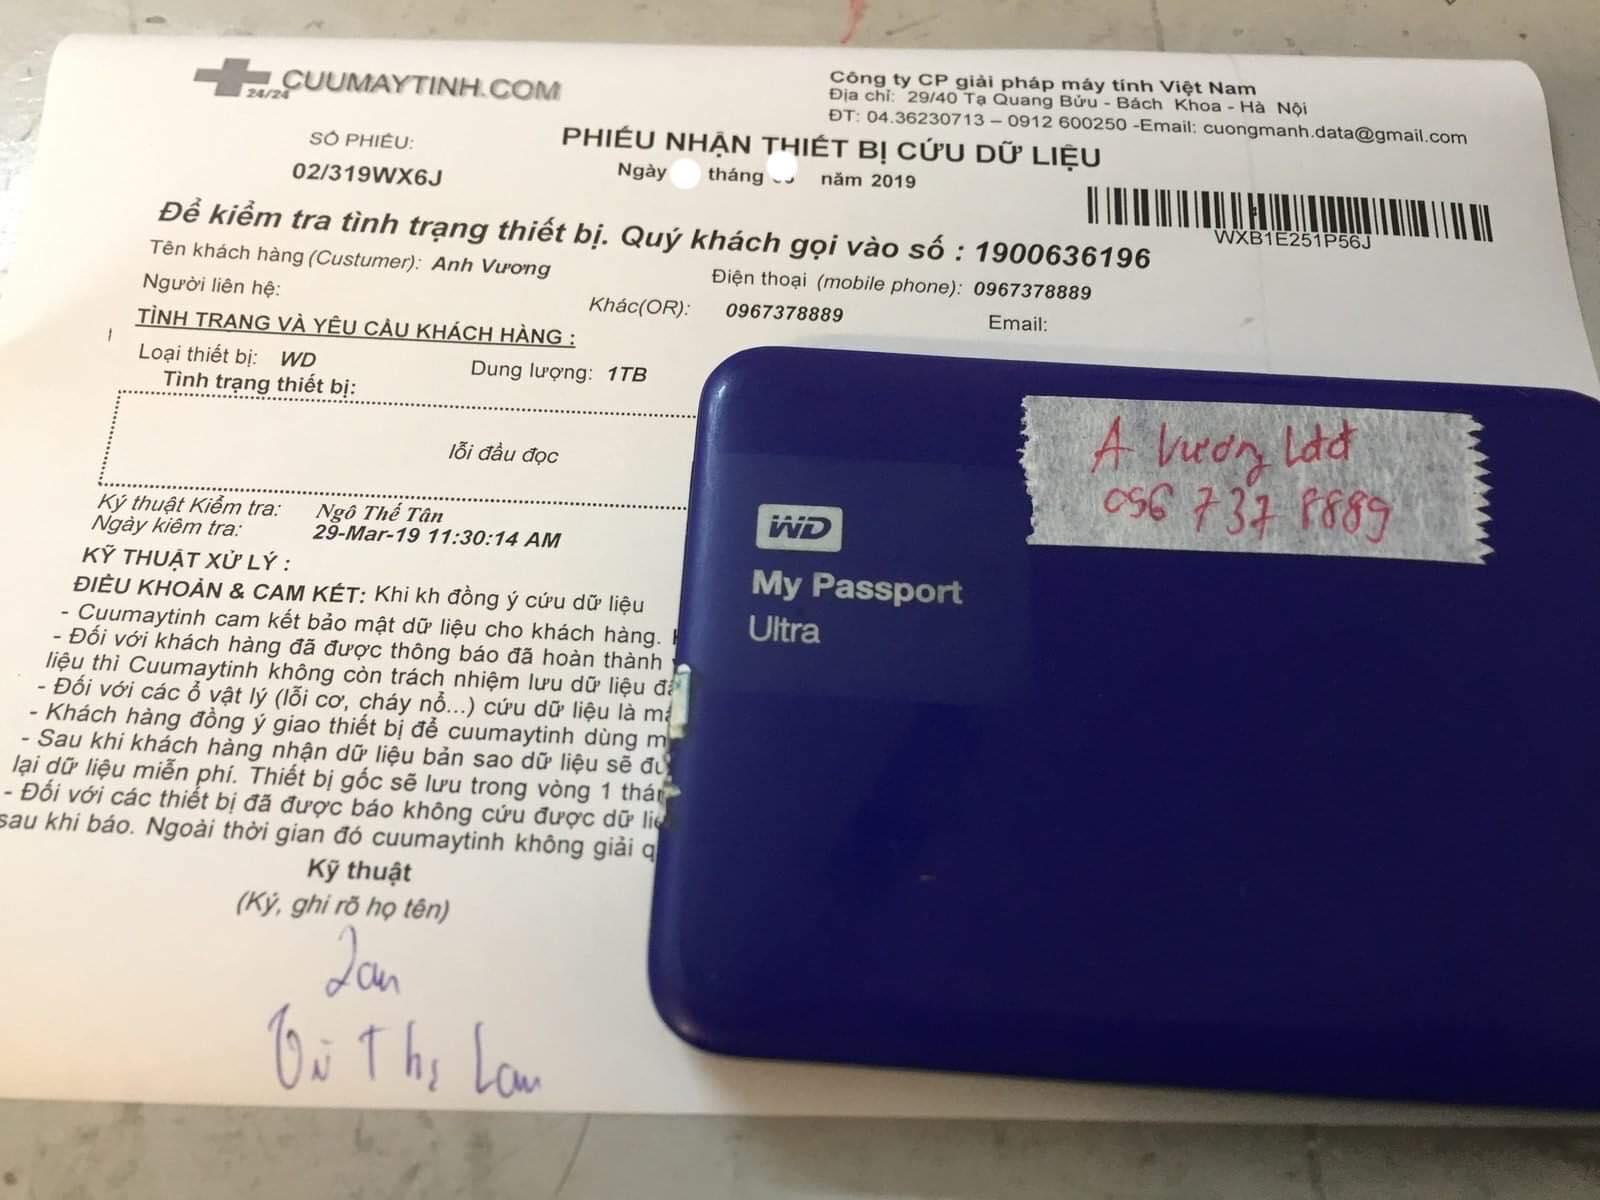 Phục hồi dữ liệu ổ cứng Western 1TB lỗi đầu đọc 01/04/2019 - cuumaytinh